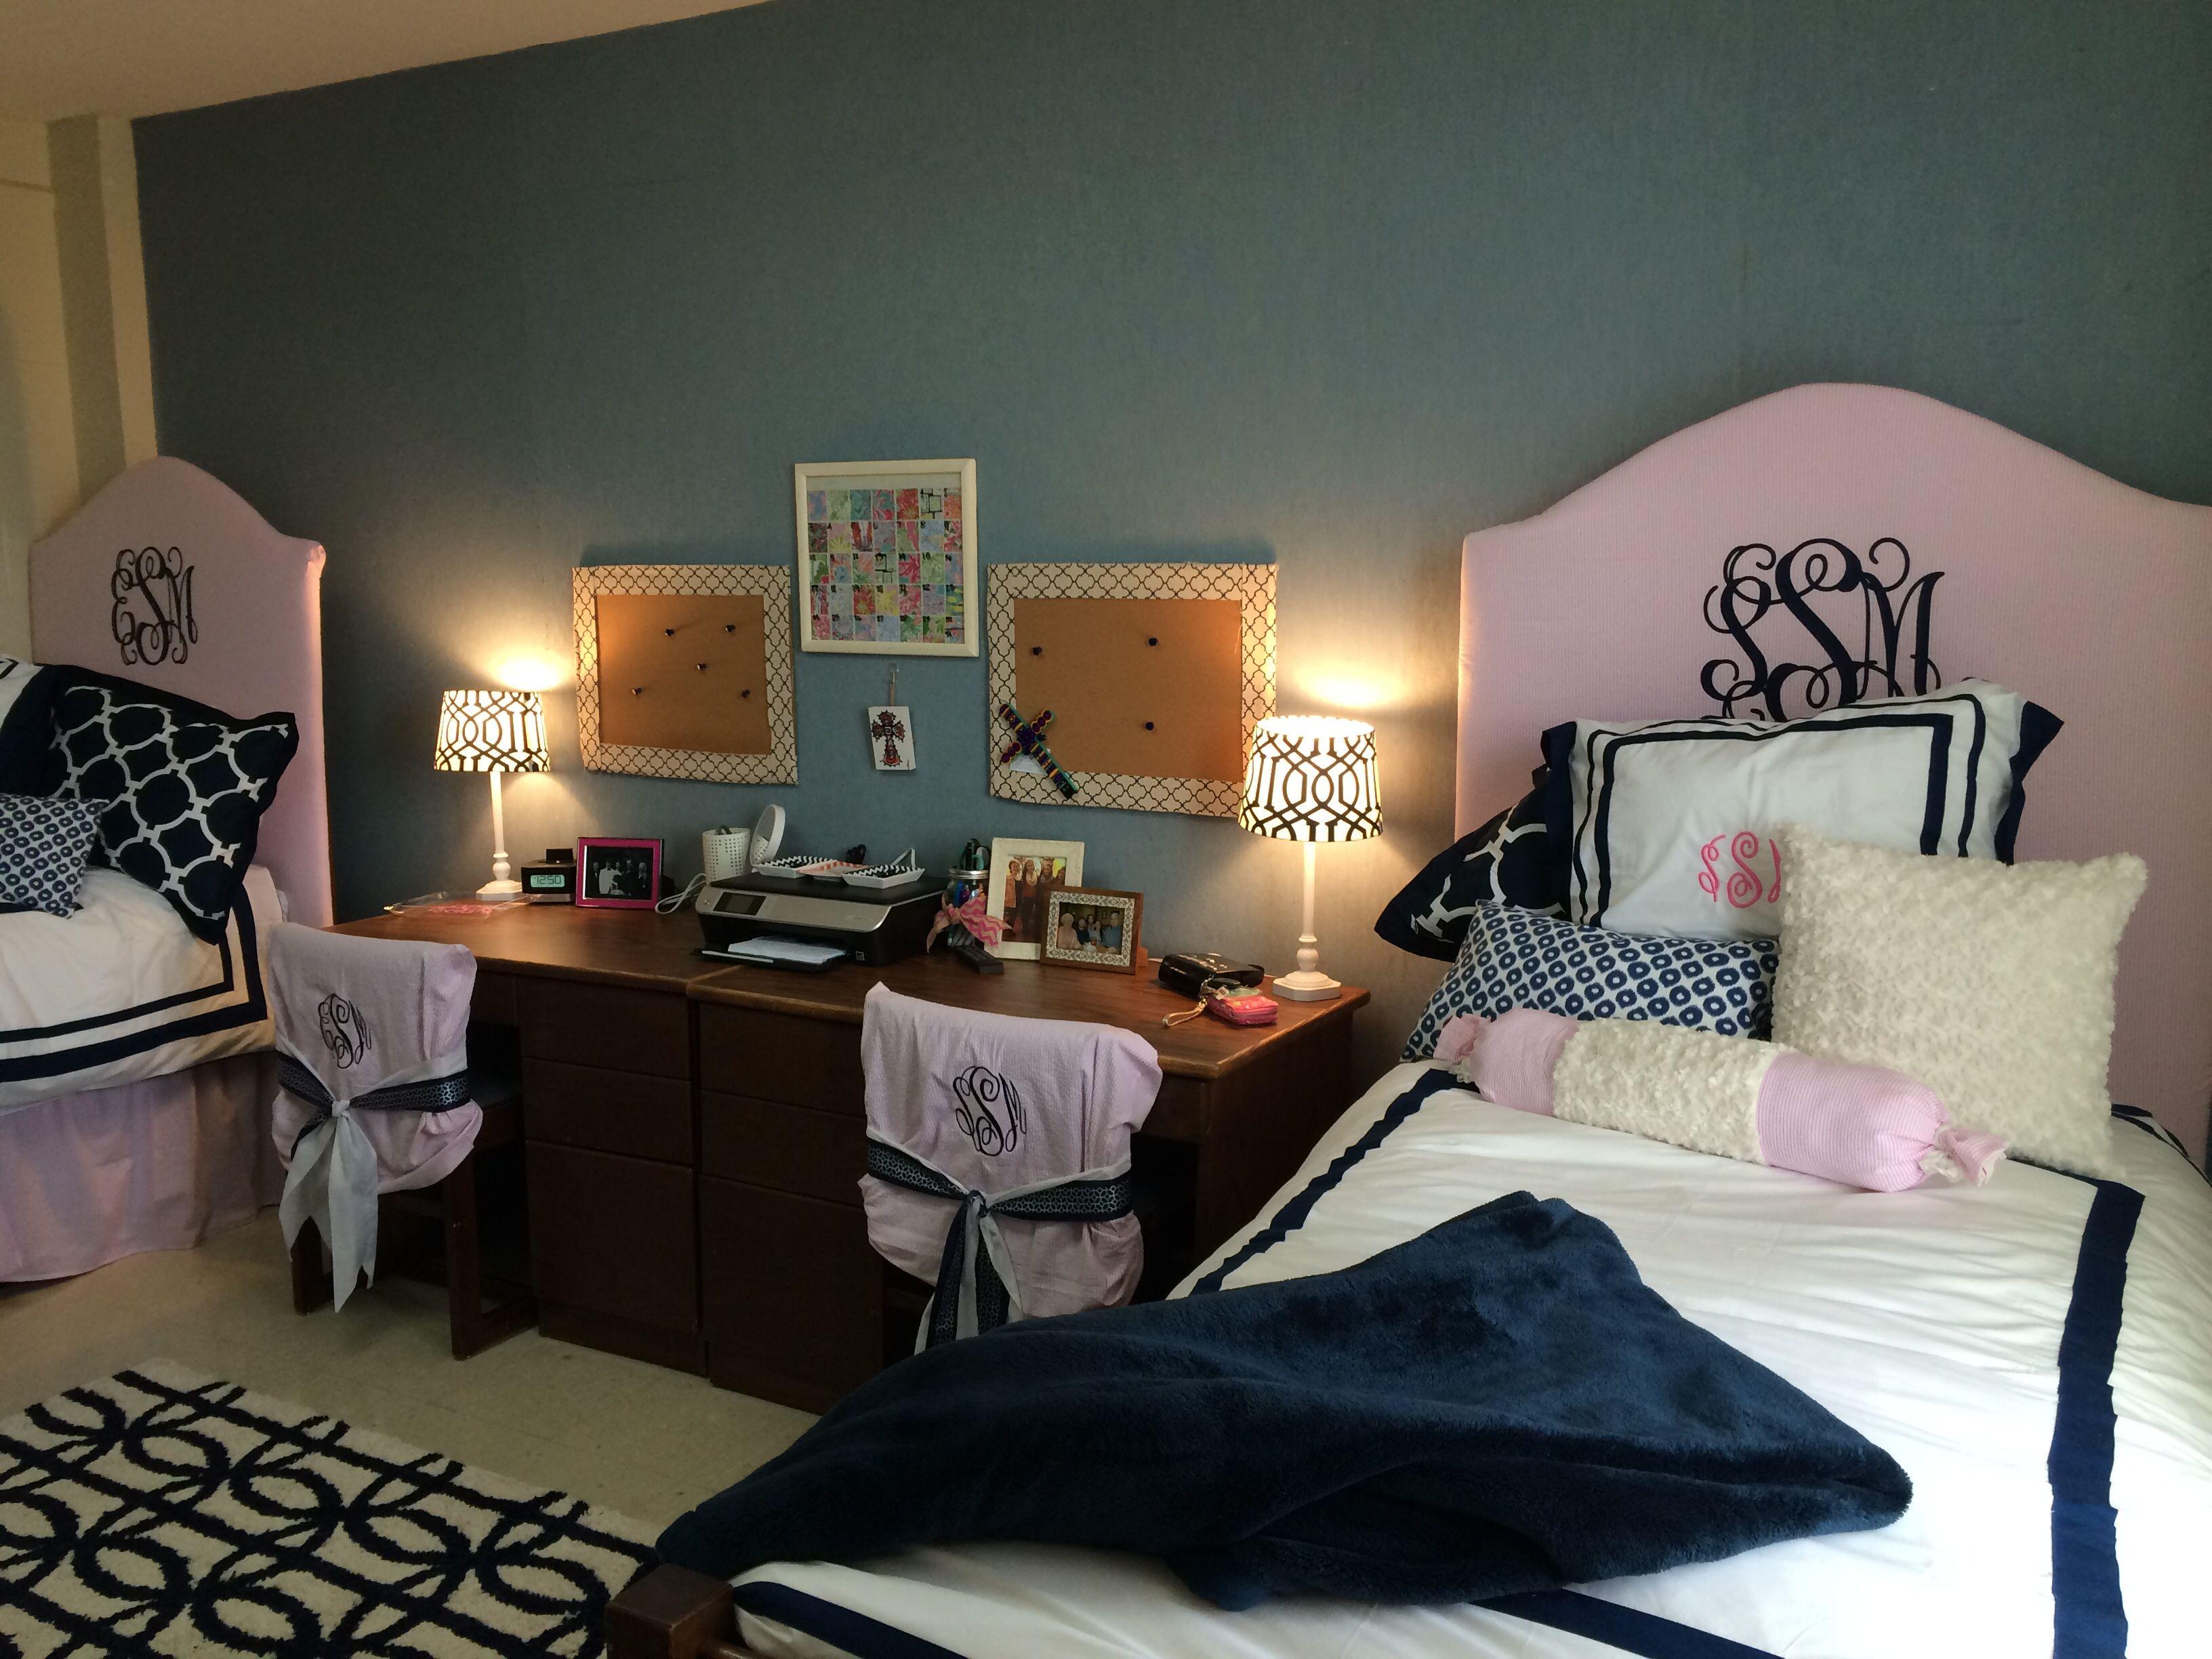 202001 quad dorm room ideas decoration ideas for the for Auburn bedroom ideas